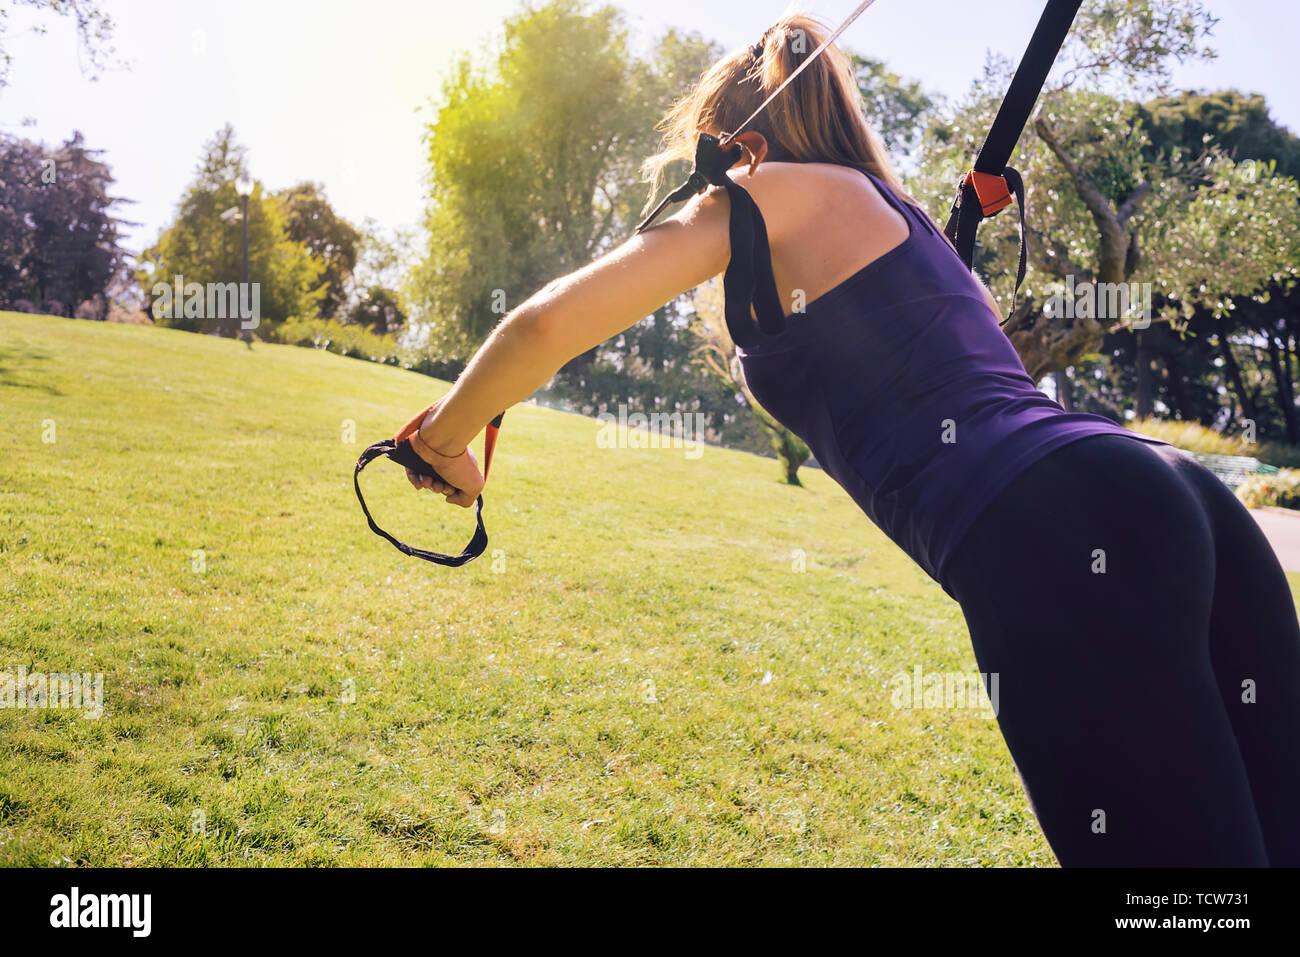 Hermosa joven mujer rubia con tirantes de suspensión, rutina de ejercicios al aire libre, en la noche en un parque soleado Imagen De Stock